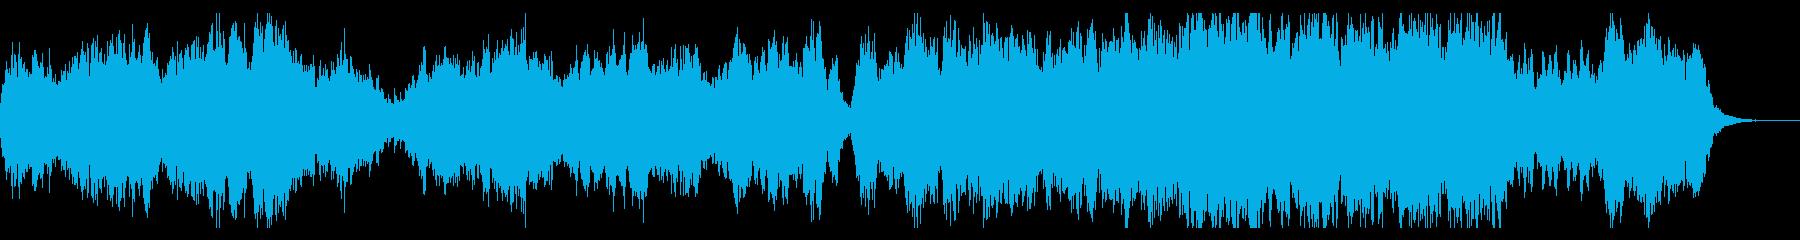 切ないメロディの合唱&オーケストラBGMの再生済みの波形